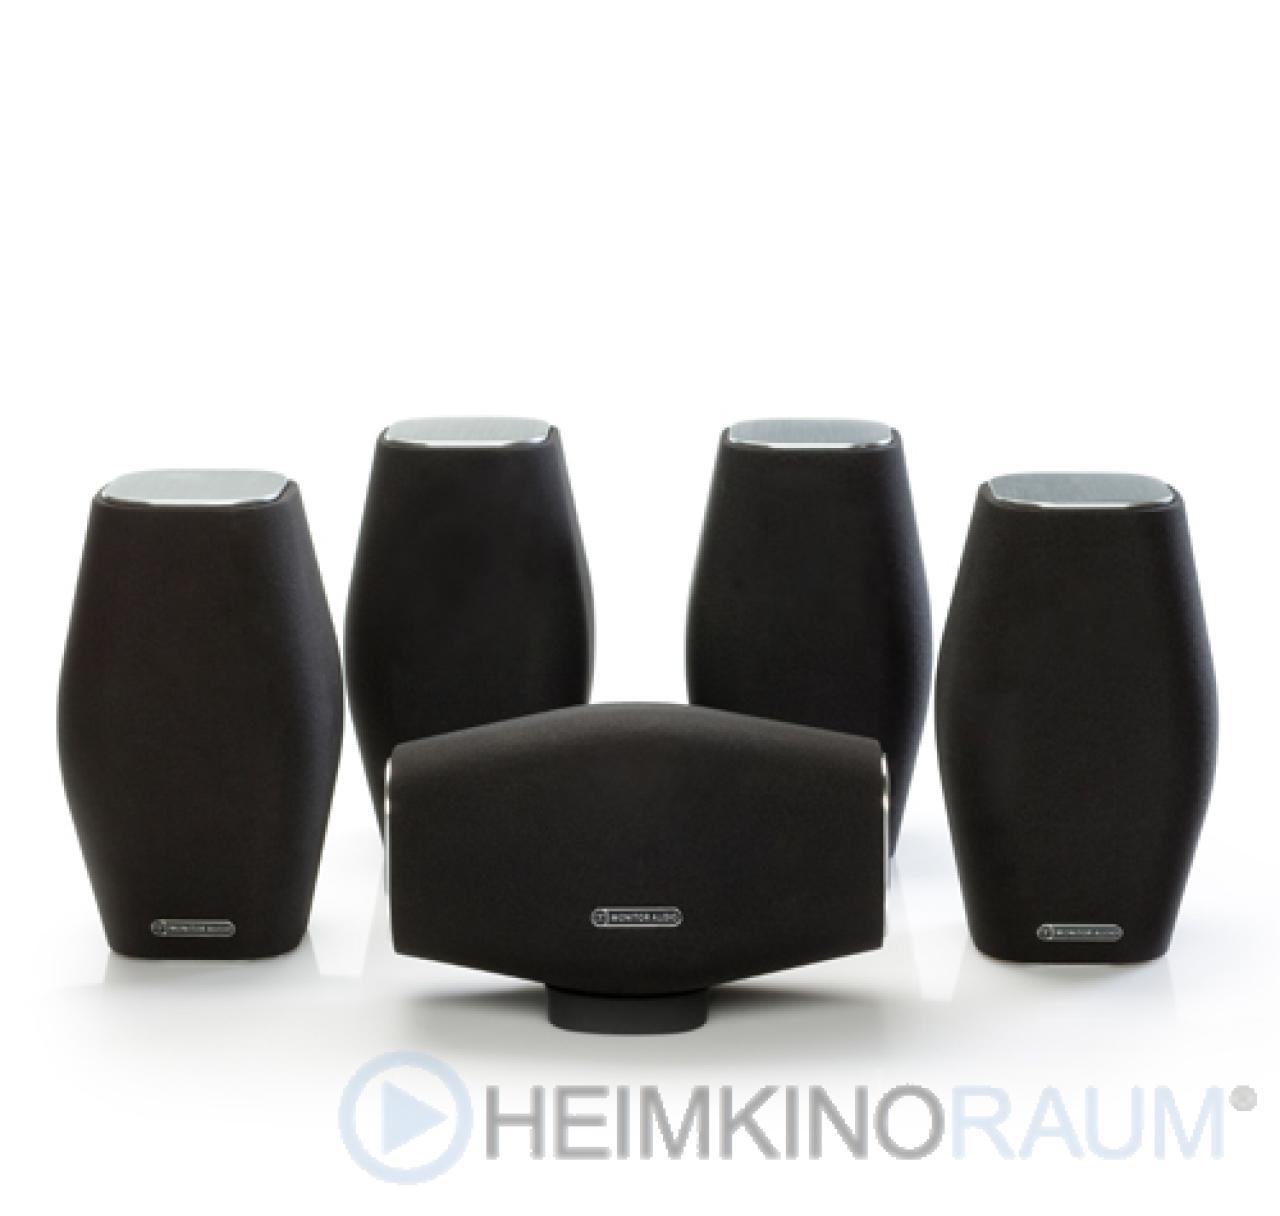 Monitor Audio Mass Lautsprecher 5.1